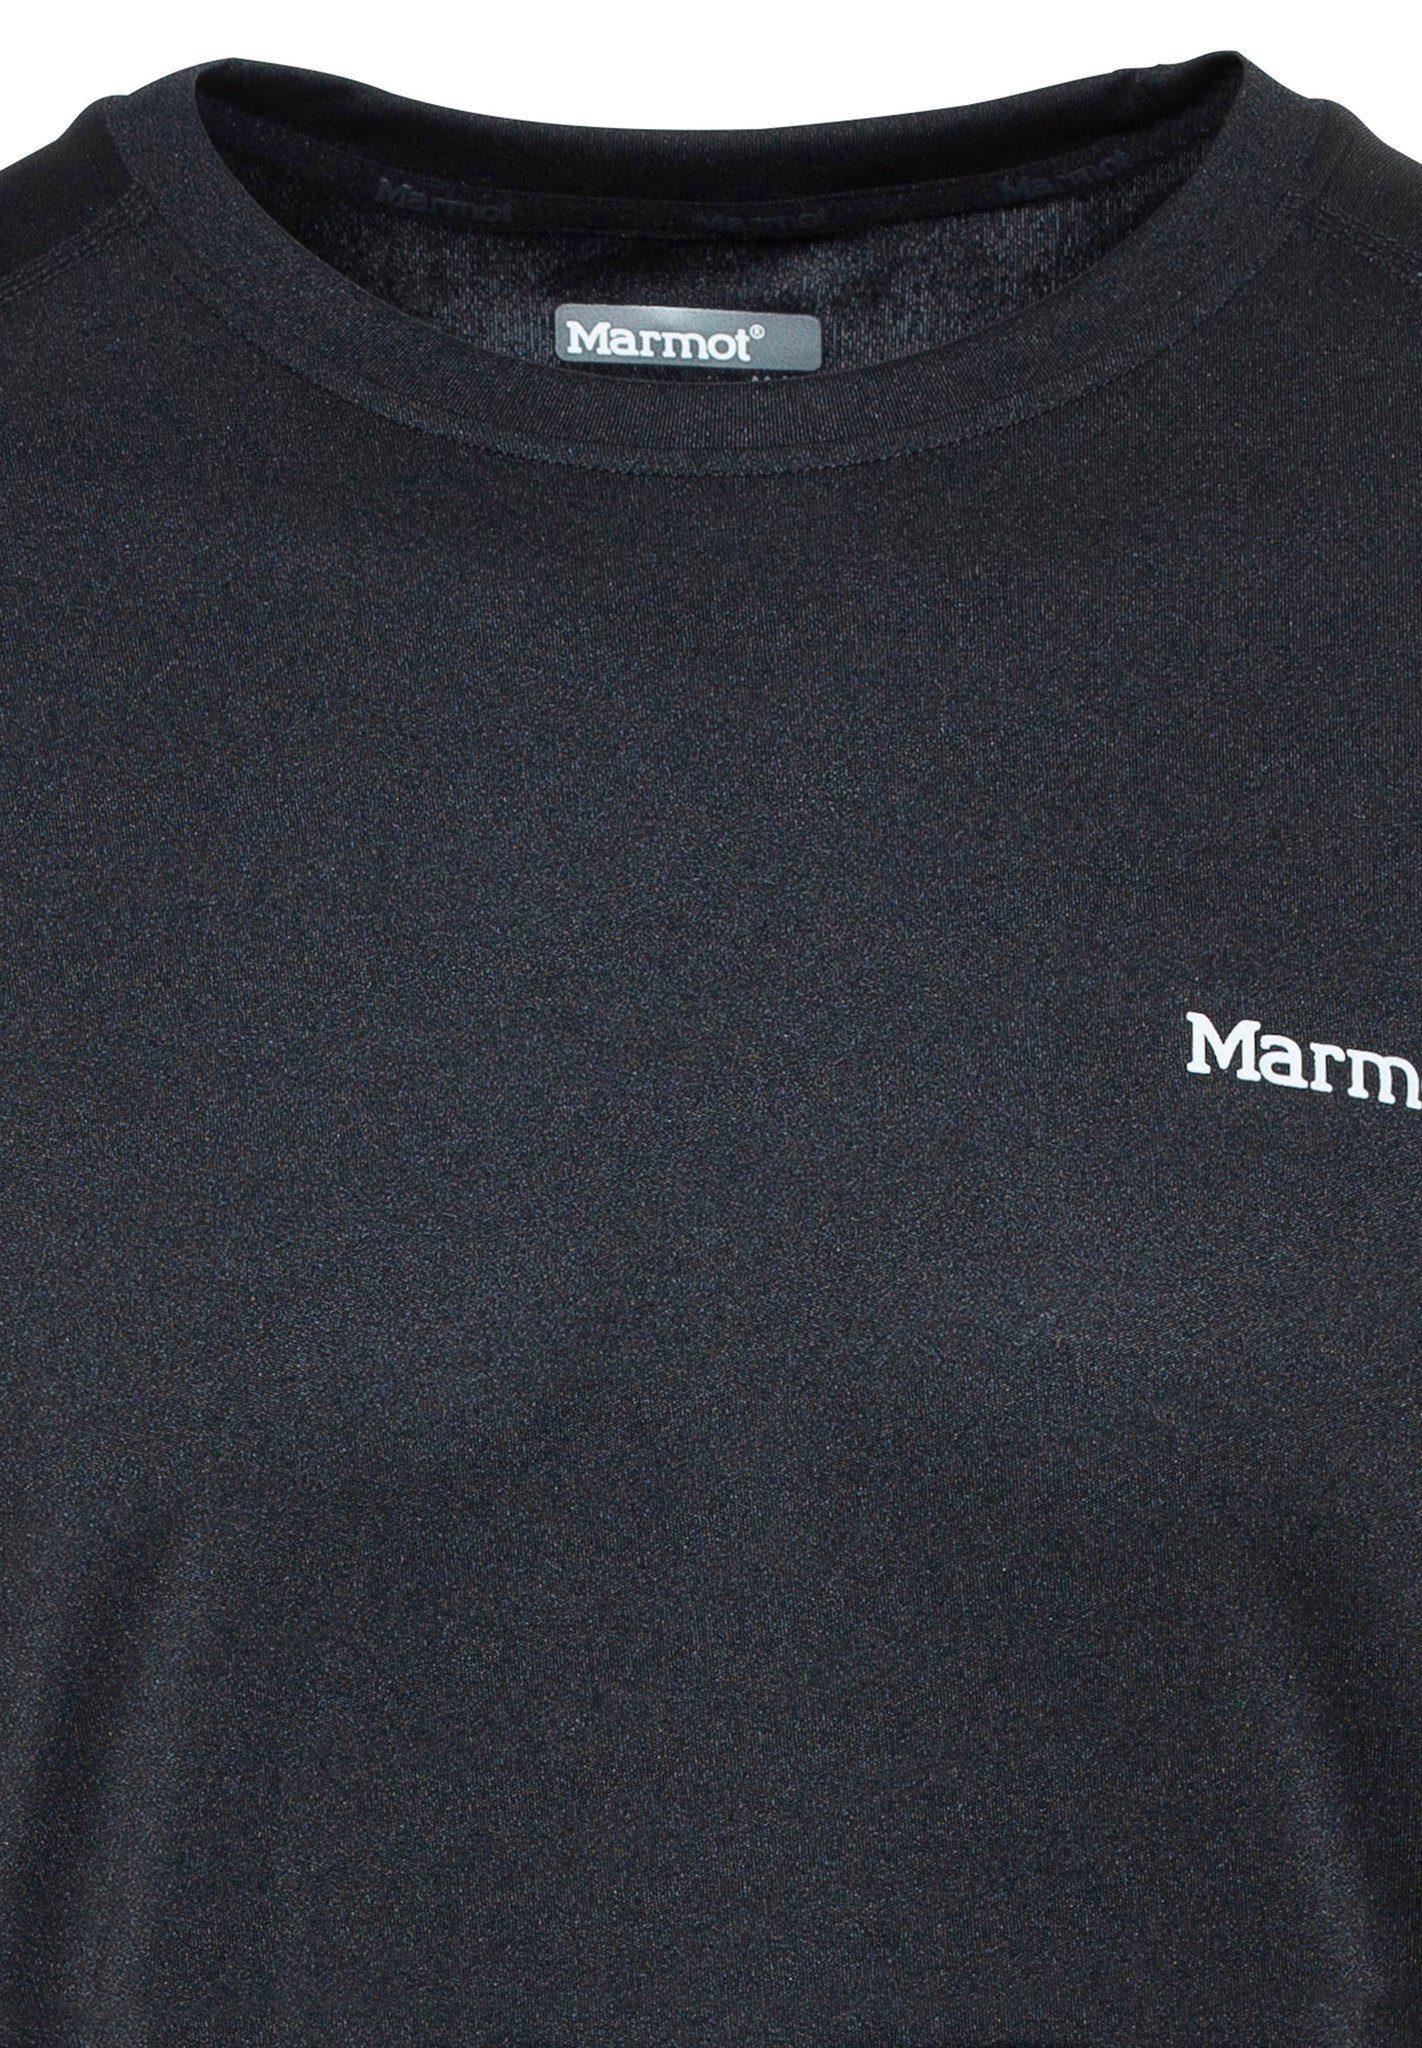 Sweatshirt Ls Men« Marmot »windridge Shirt Kaufen Ybf6g7y